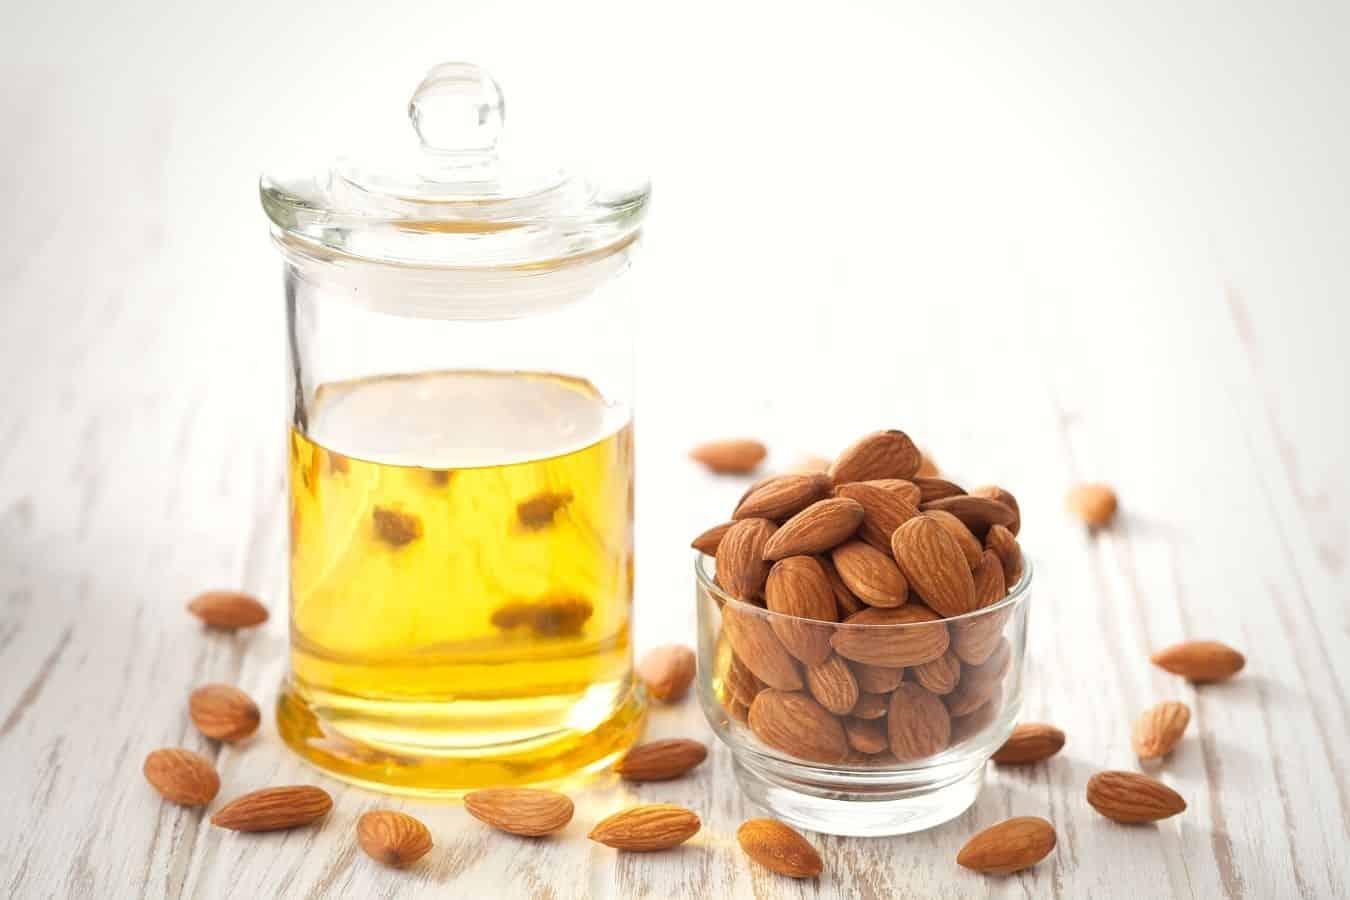 Almond Oil vs. Coconut Oil for Hair